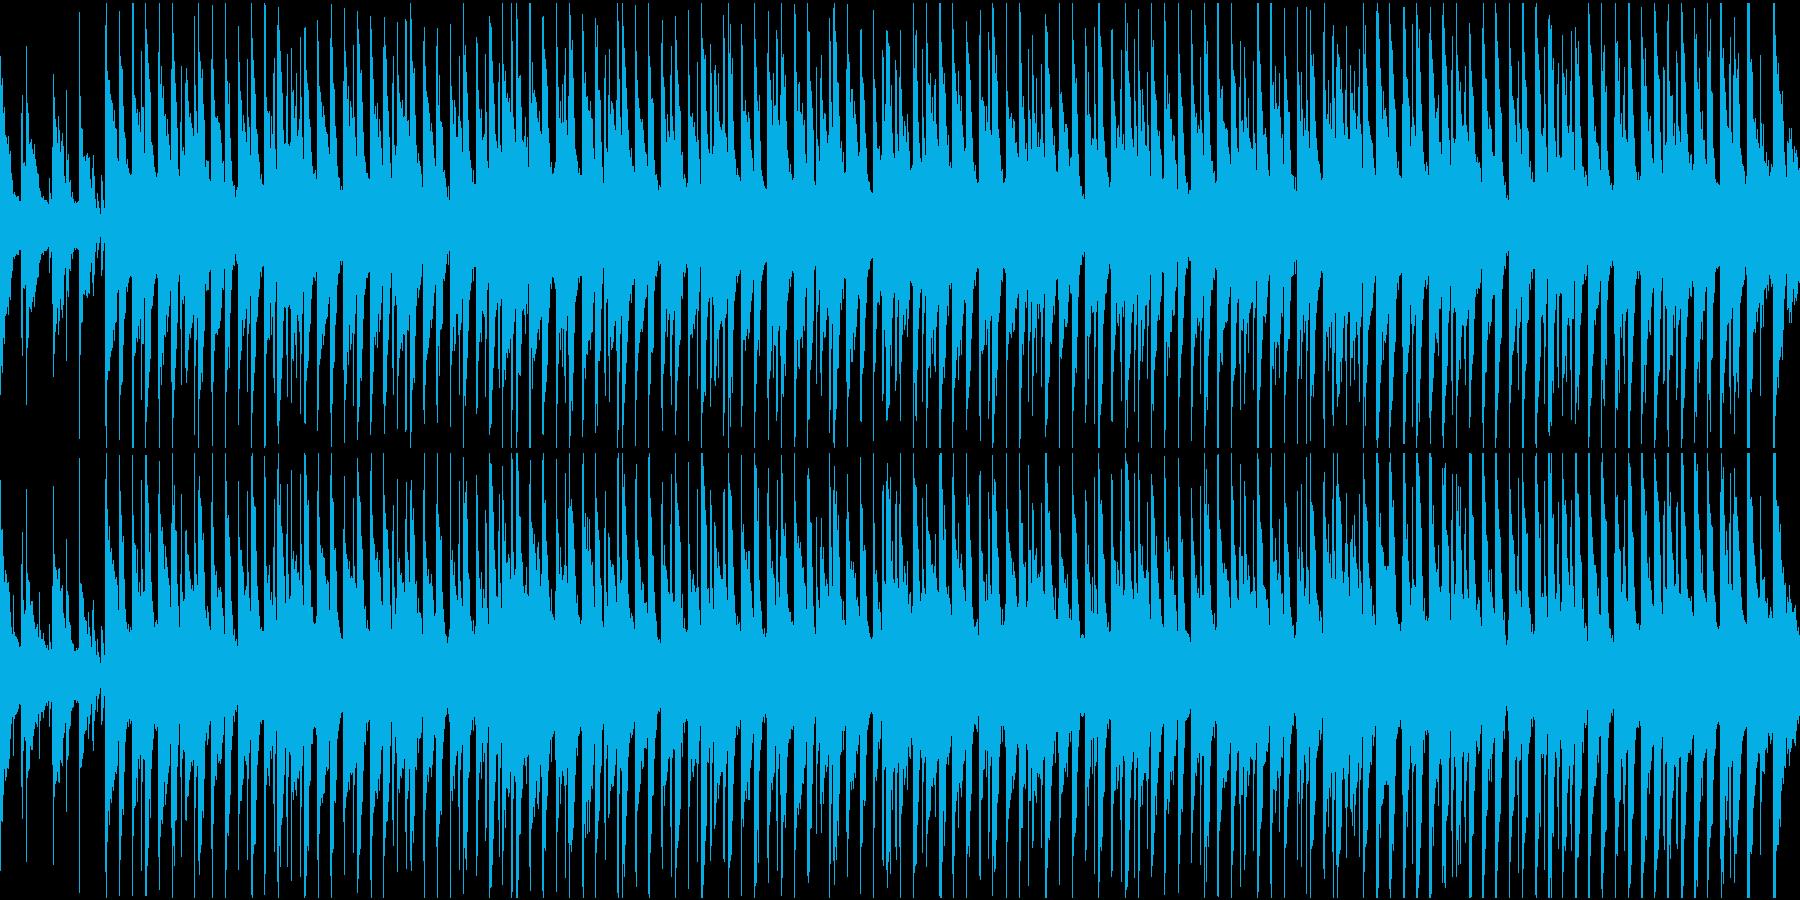 シンプル/明るい/楽しい/ポップ/ループの再生済みの波形